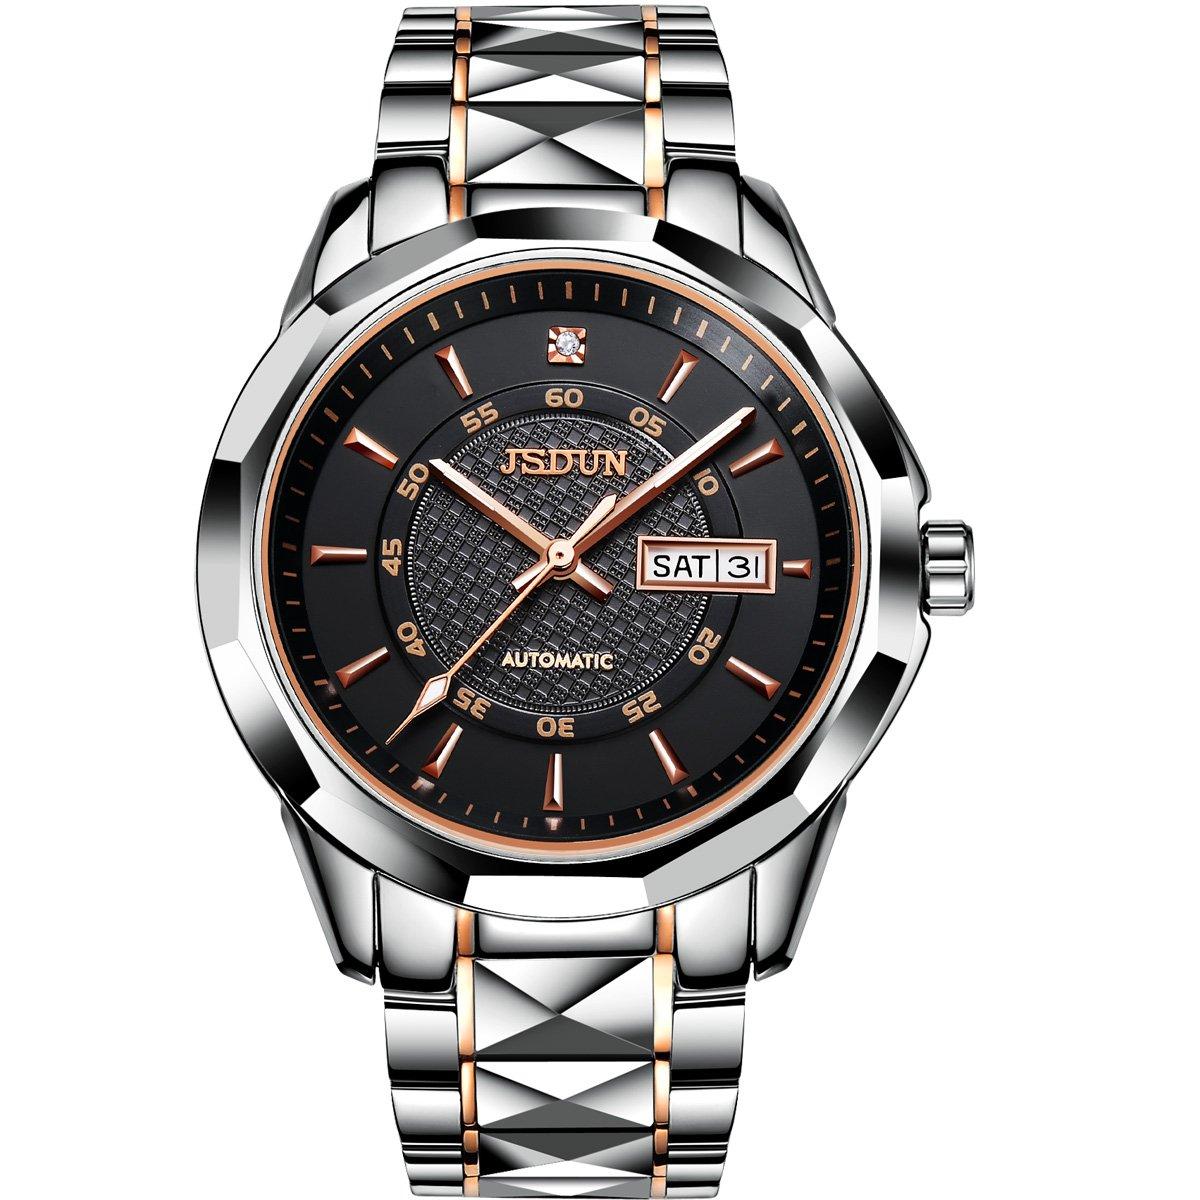 JSDUN Men's Big face Waterproof Auto Mechanical Tungsten Steel Business Wrist Watch, Week Date Window Black/ White Dial